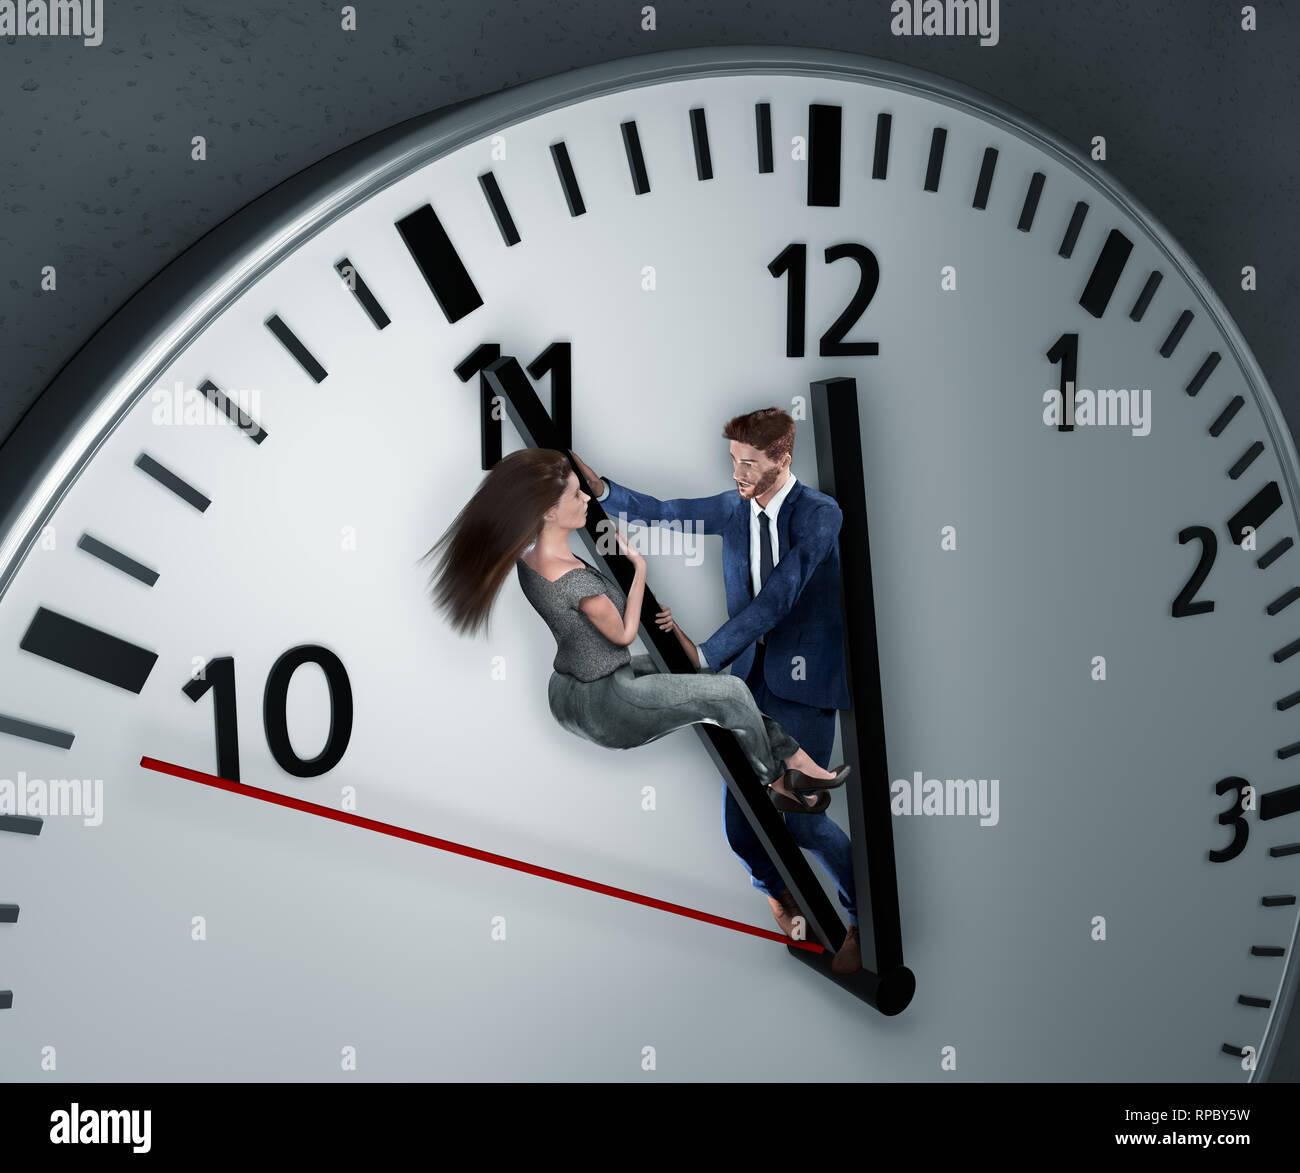 Angestellte stemmen sich verzweifelt gegen Uhrzeiger um sich mehr Zeit zu verschaffen damit der Abgabetermin doch noch einhalten werden kann Stock Photo